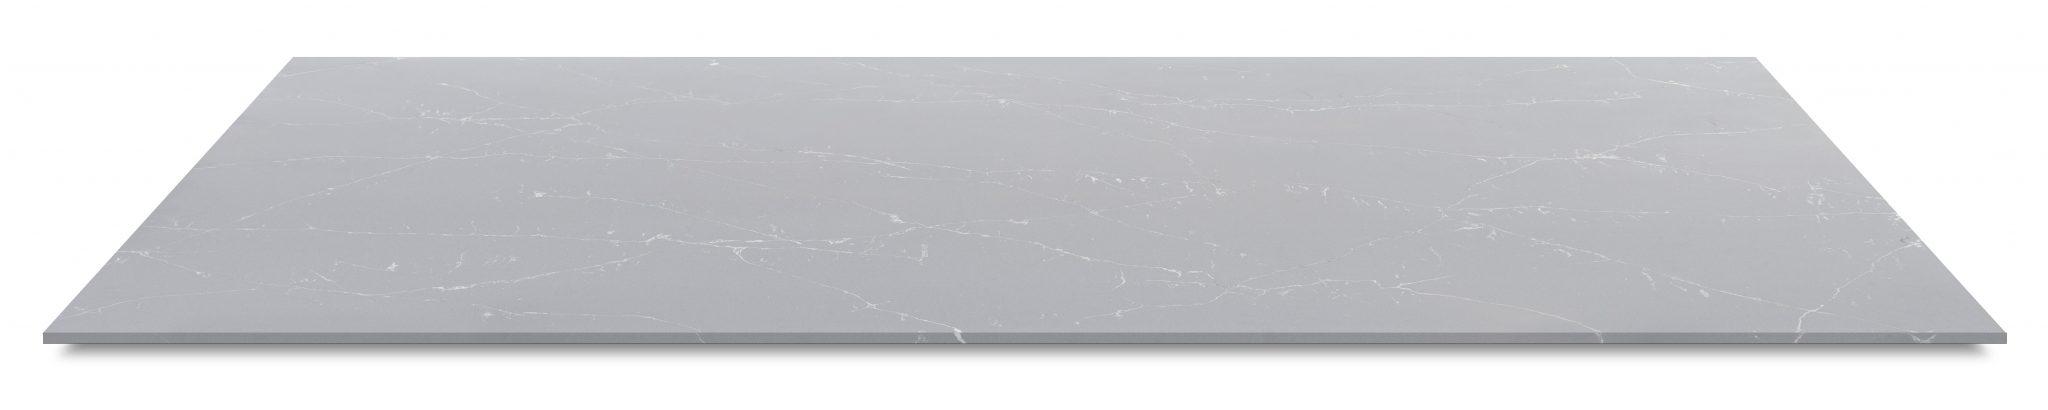 Unique Argento Quartz Slab